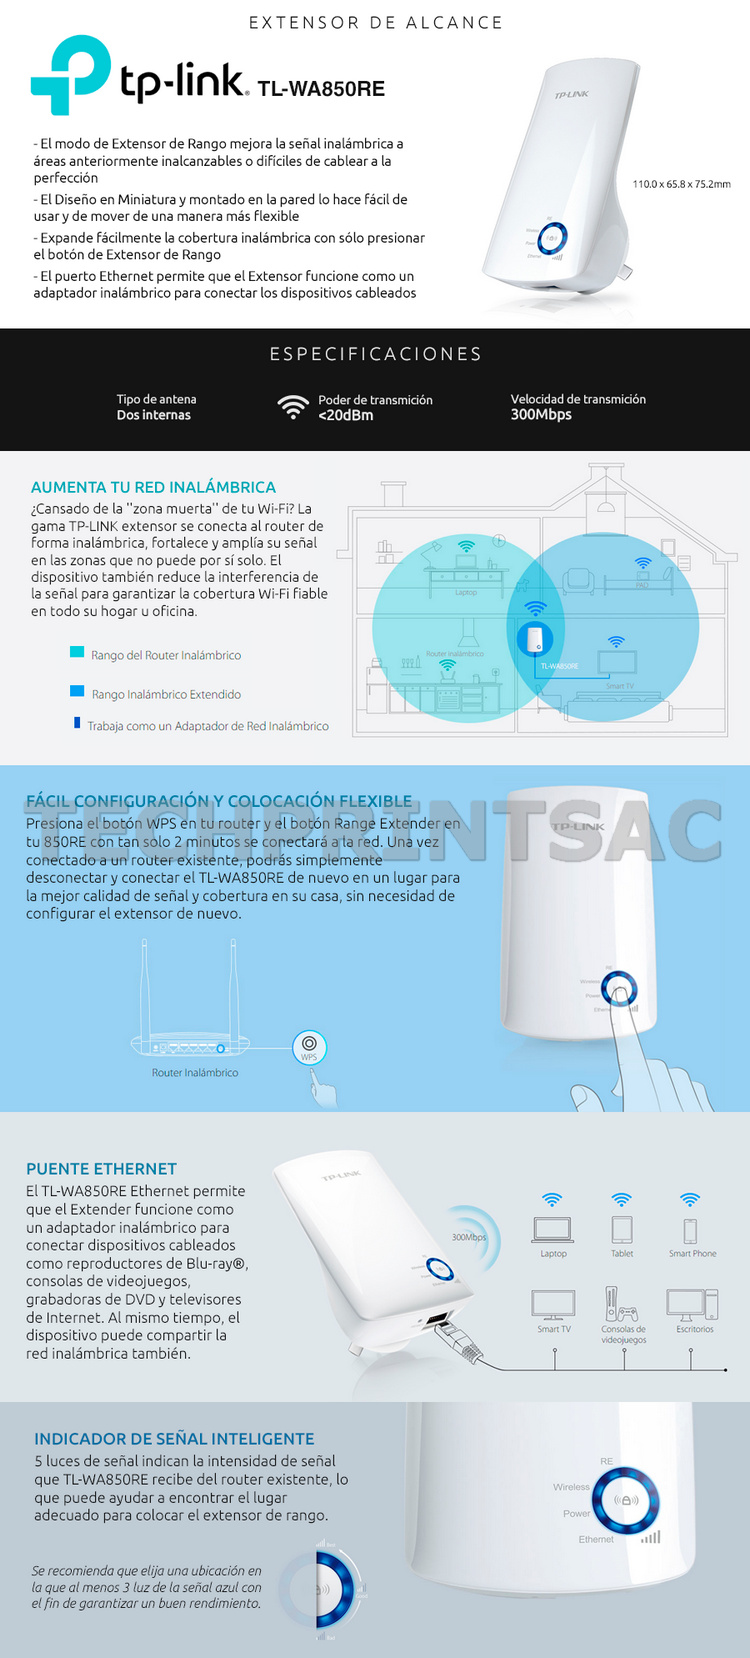 Amplificador repetidor cobertura wifi 300mbps autoconfig techprint sac - Ampliar cobertura wifi en casa ...